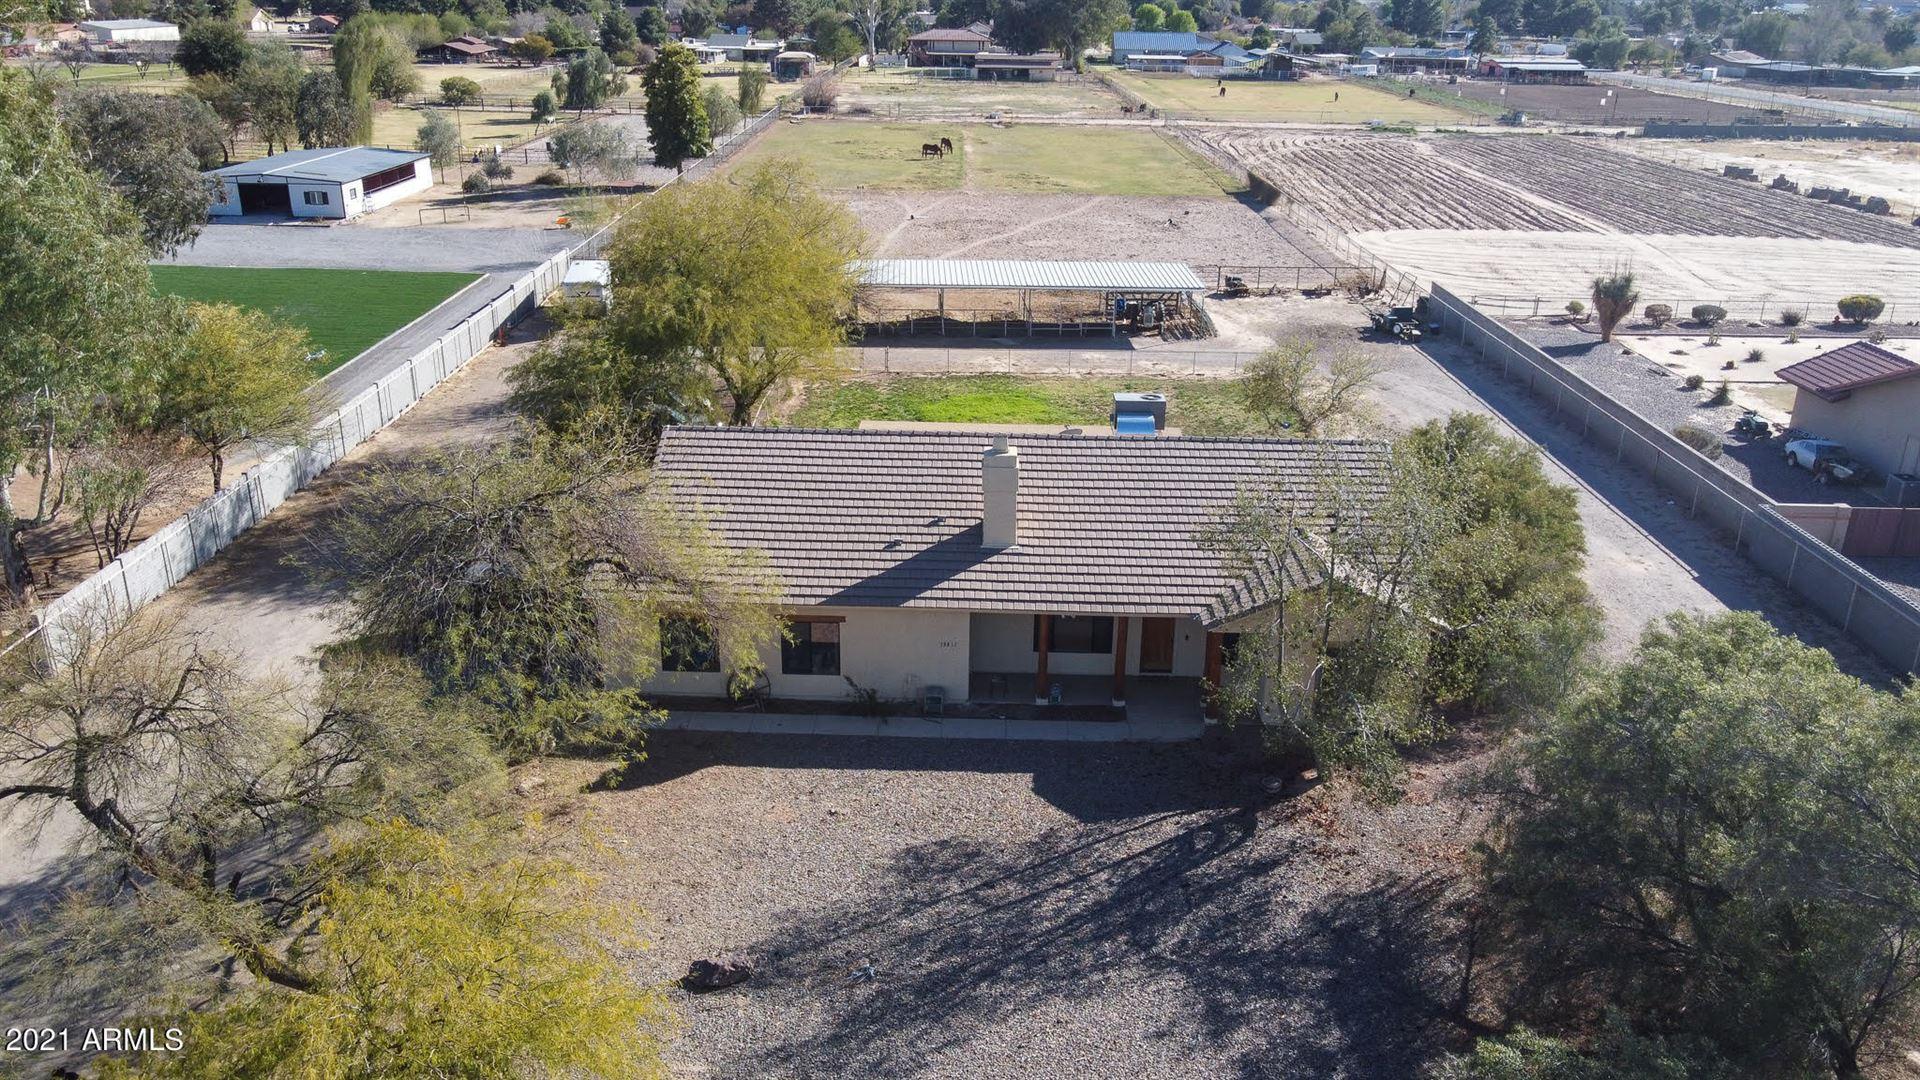 Photo of 18837 E CHANDLER HEIGHTS Road, Queen Creek, AZ 85142 (MLS # 6201833)